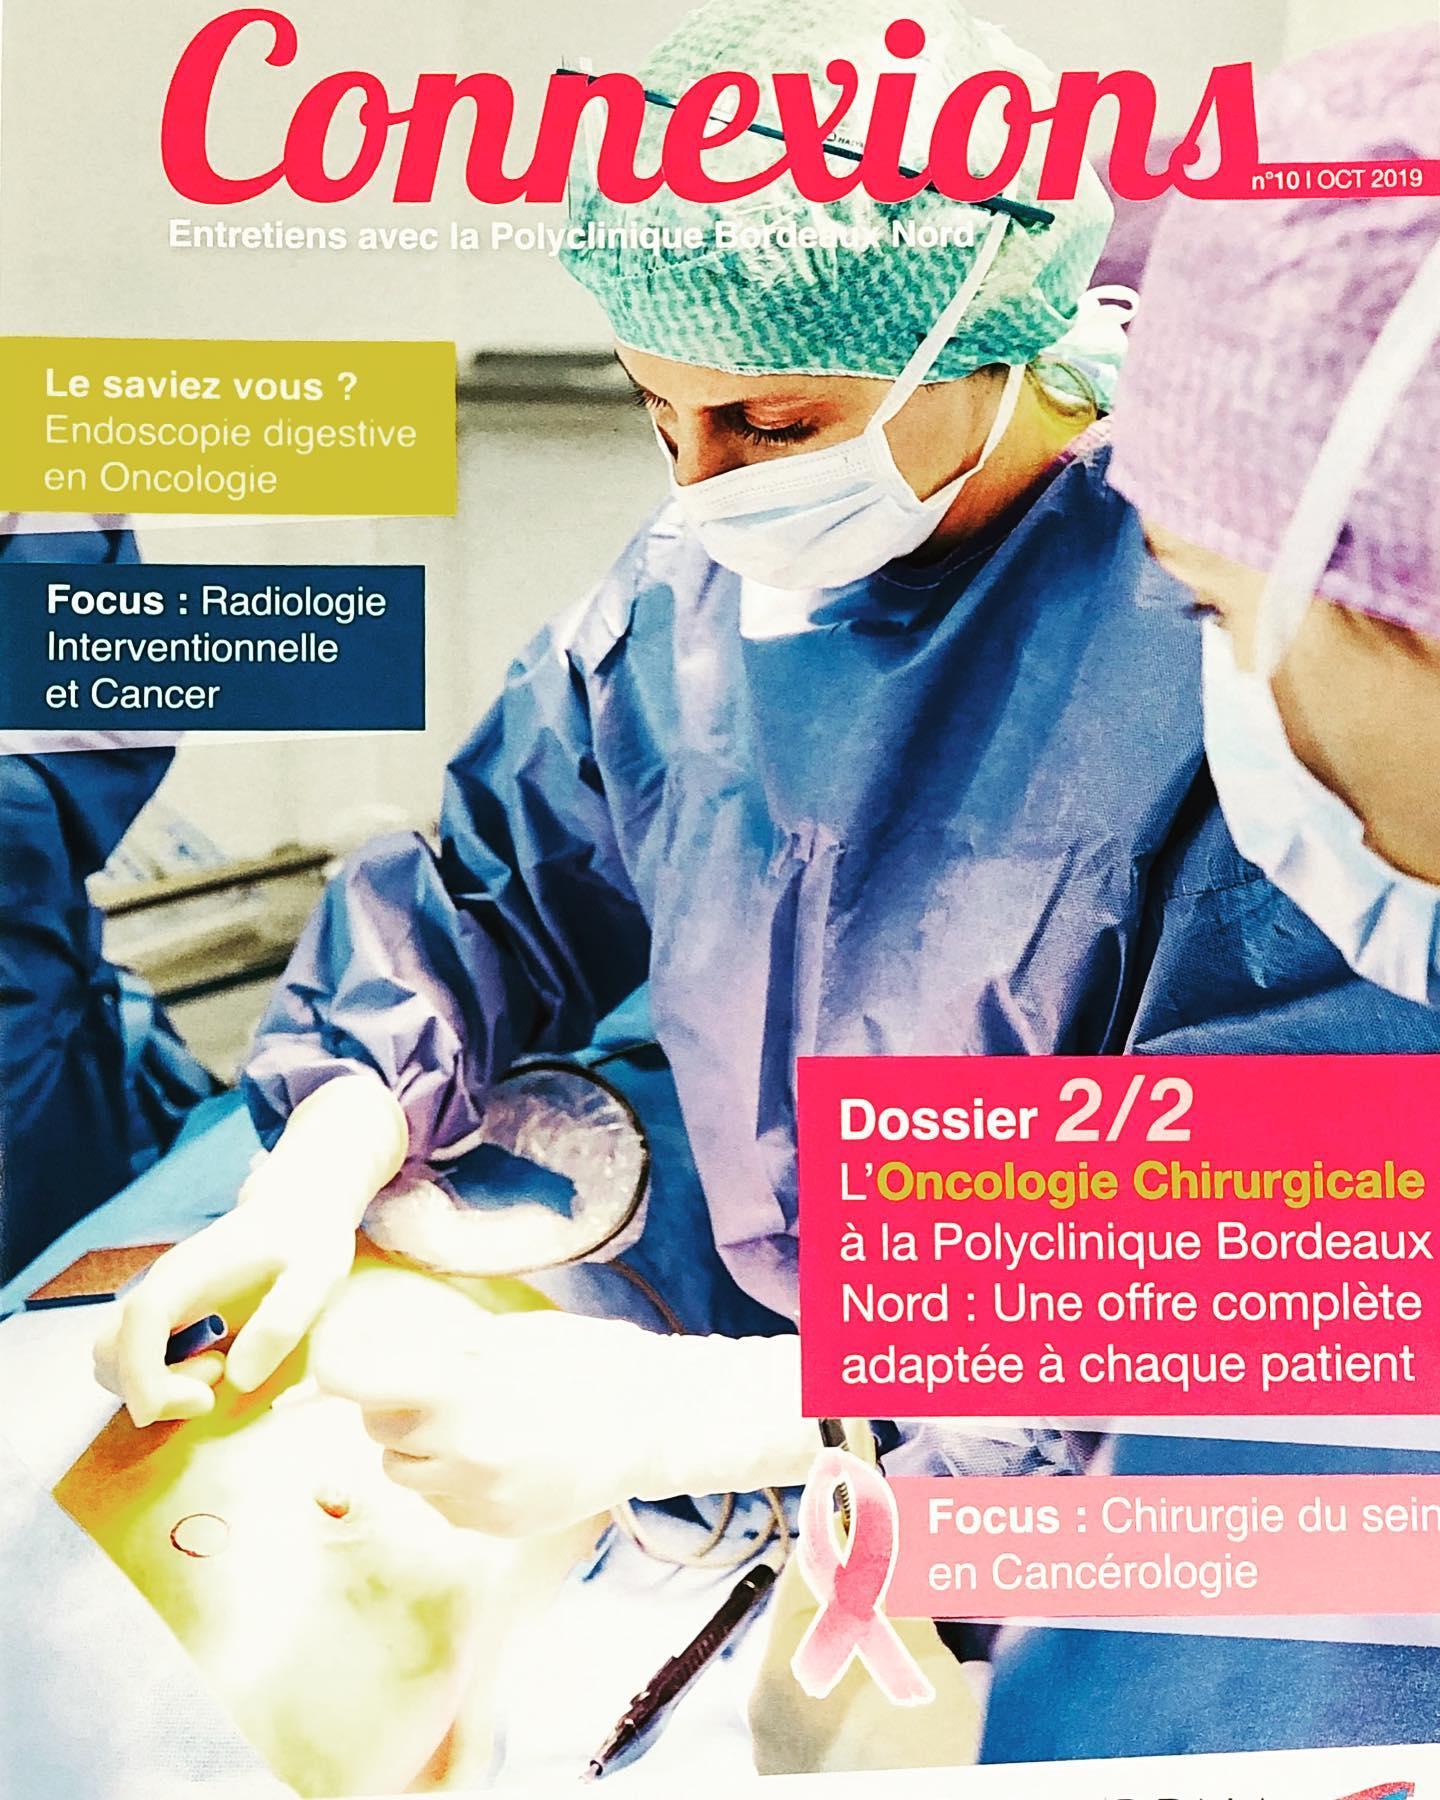 Covid-19 : La prise en charge des cancers du sein continue au Centre Aquitain du Sein